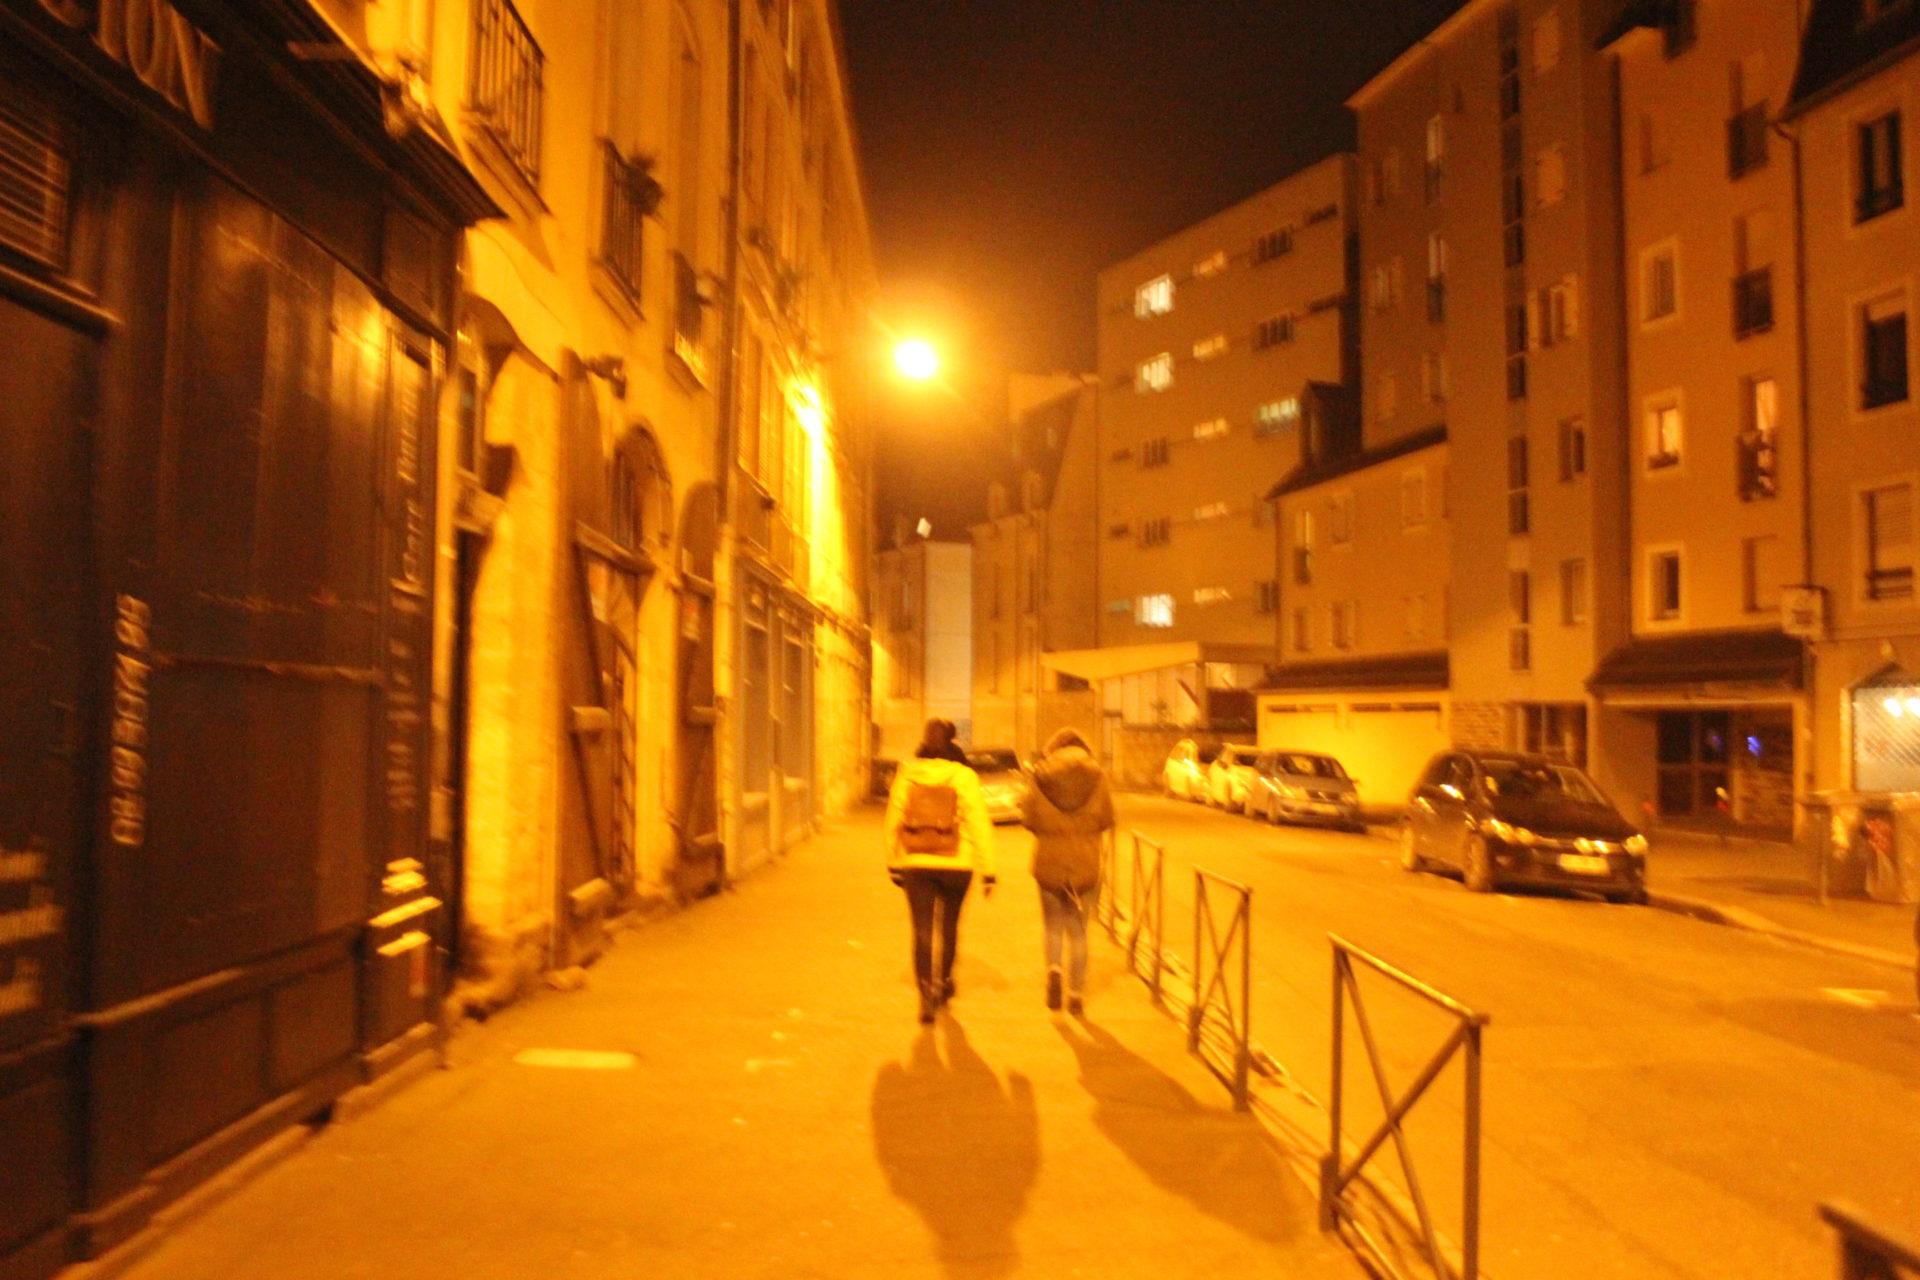 2 personnes de dos marchant dans la rue la nuit éclairées pas des lampadaires